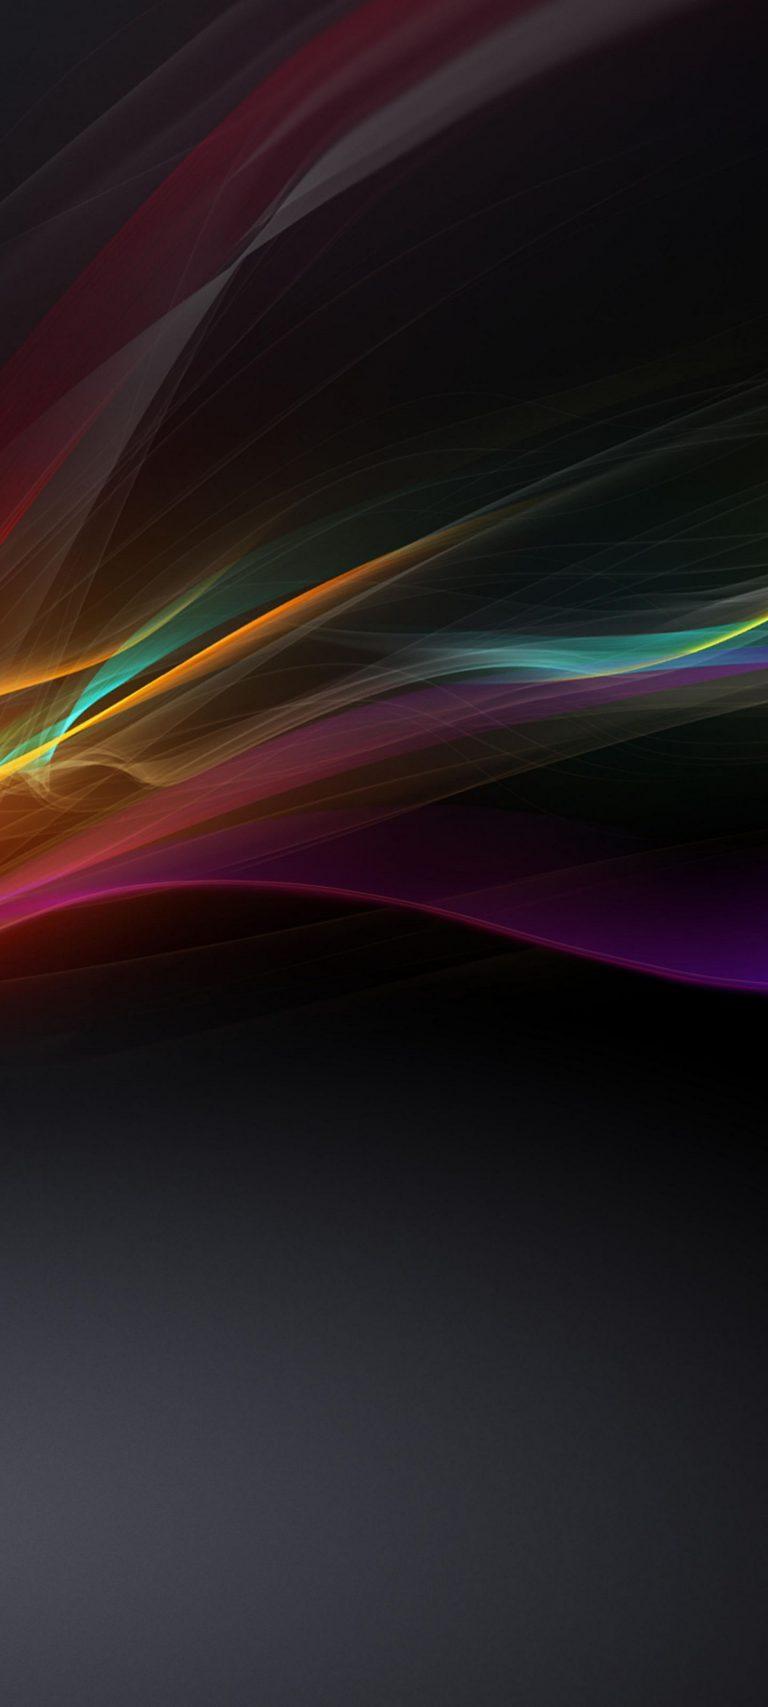 1440x3200 HD Wallpaper 076 768x1707 - 1440x3200 HD Wallpaper - 076